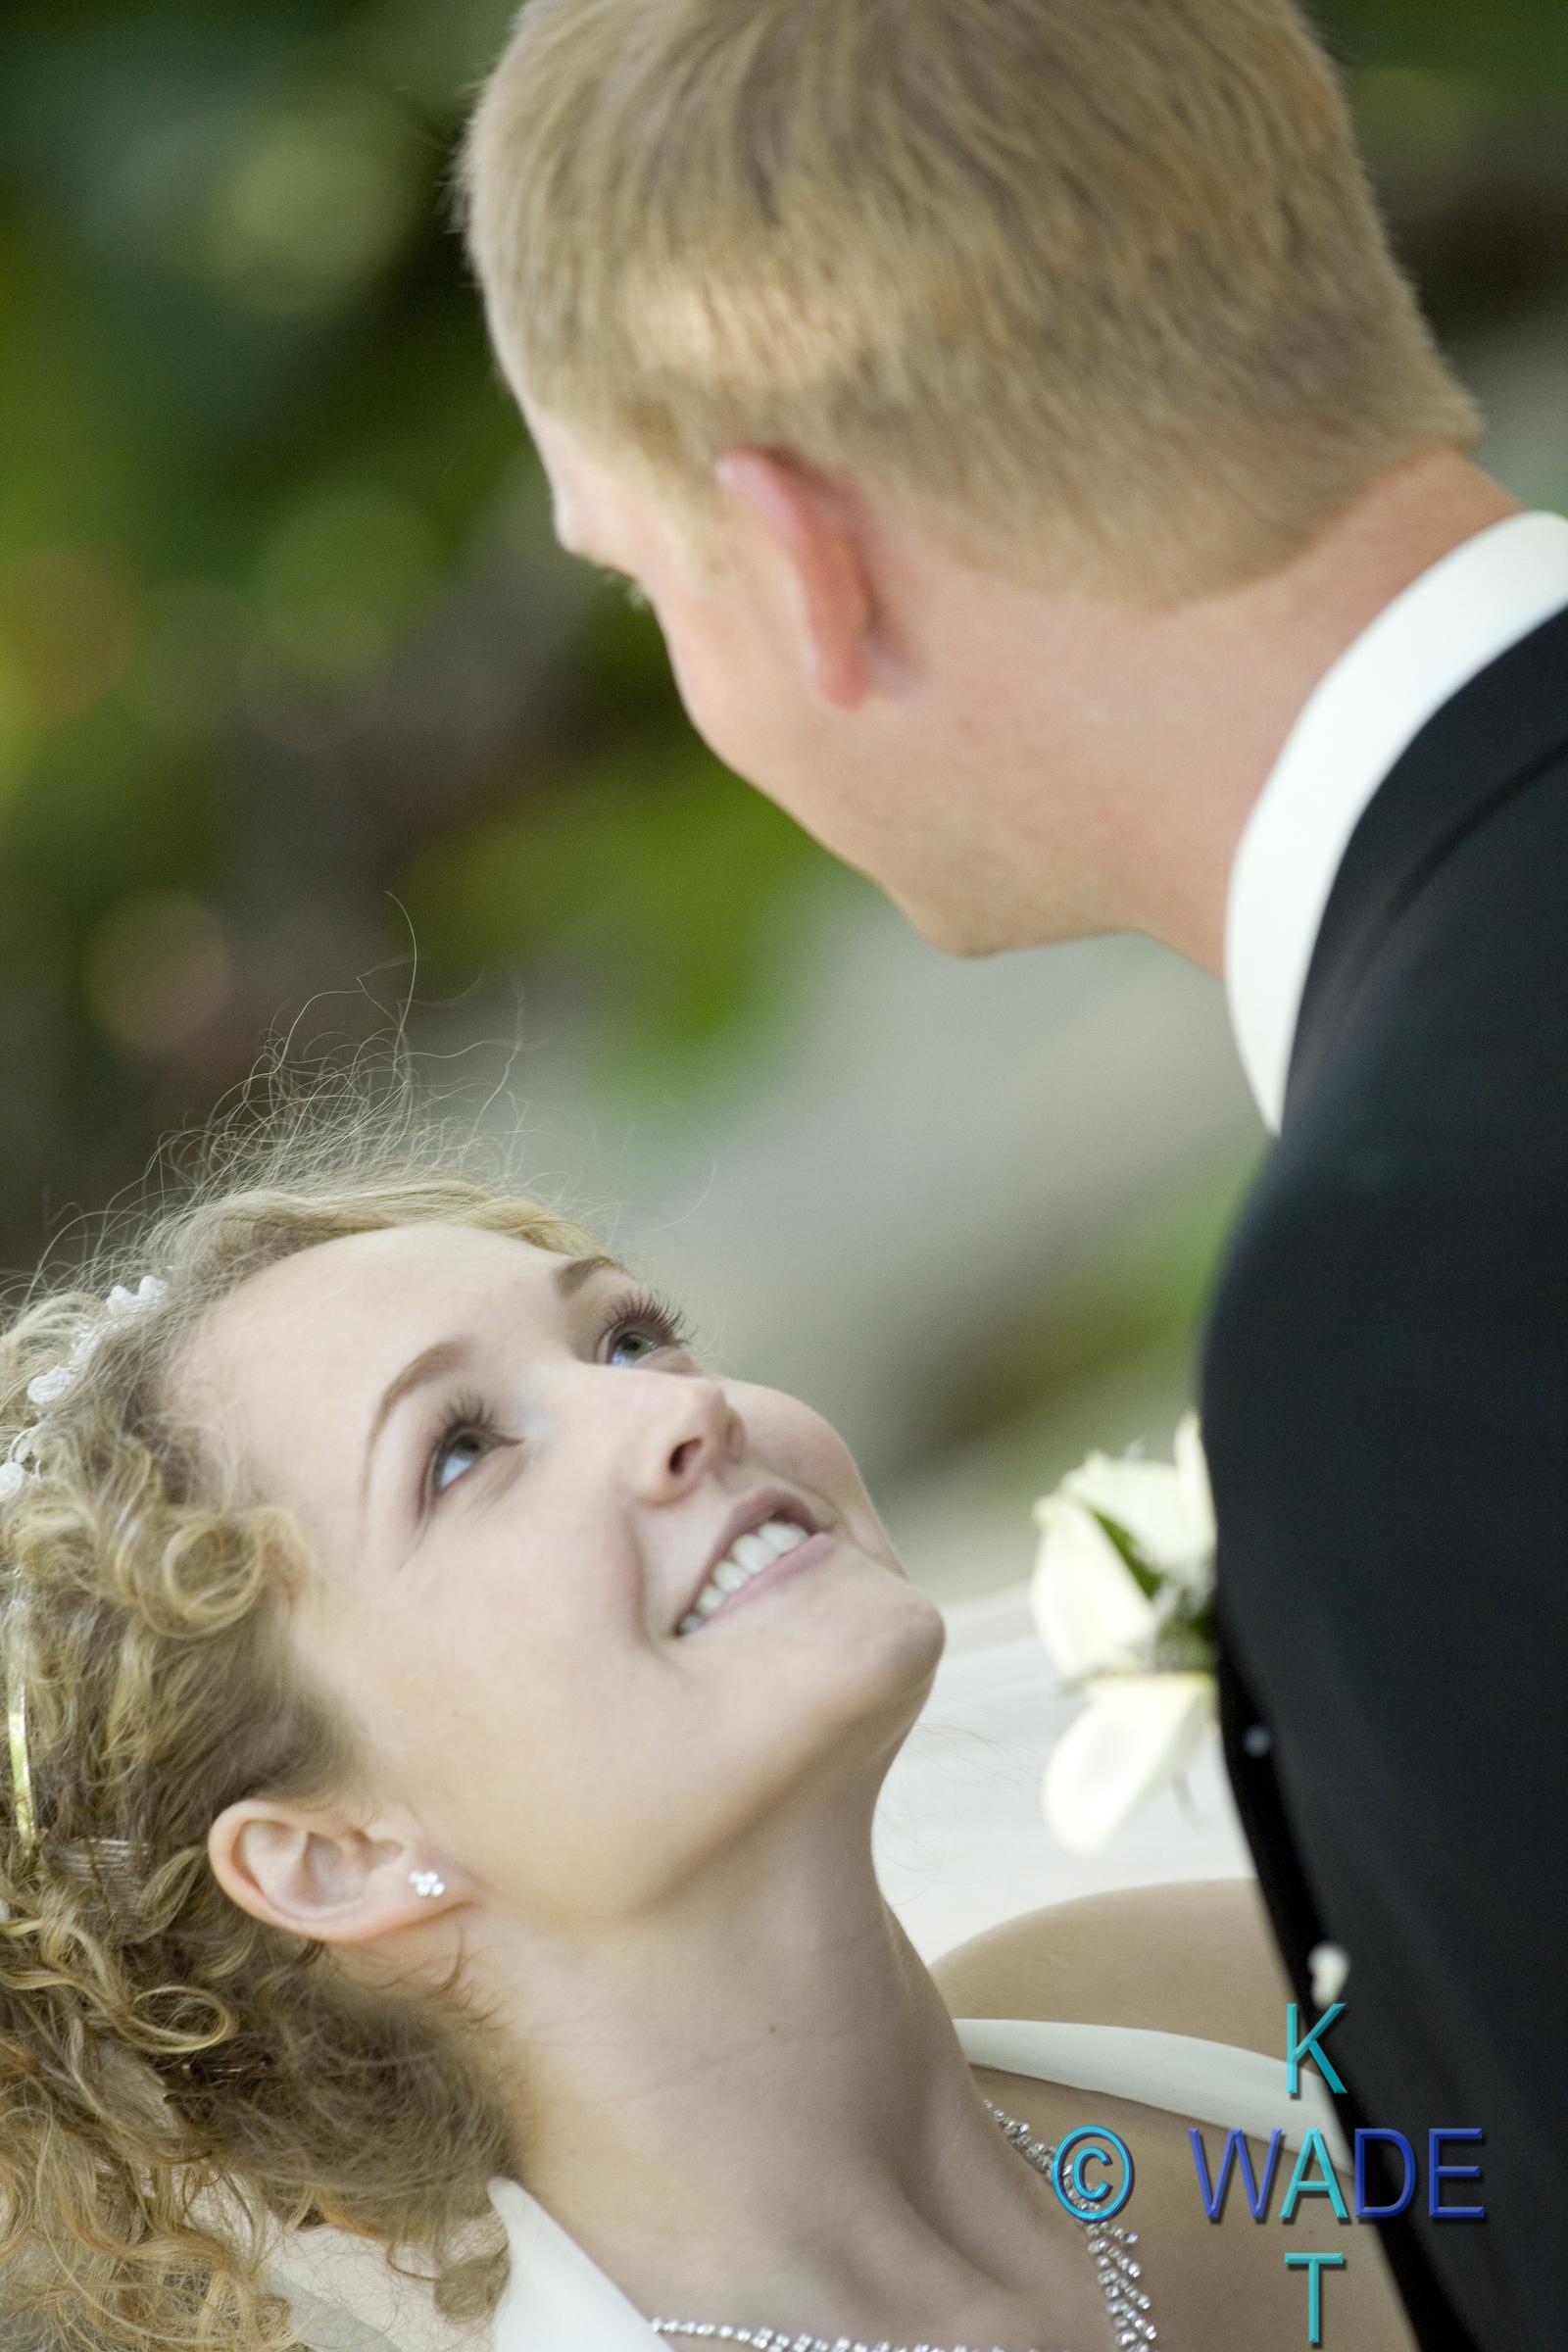 AMANDA_and_JON_Wedding_408_KatWade